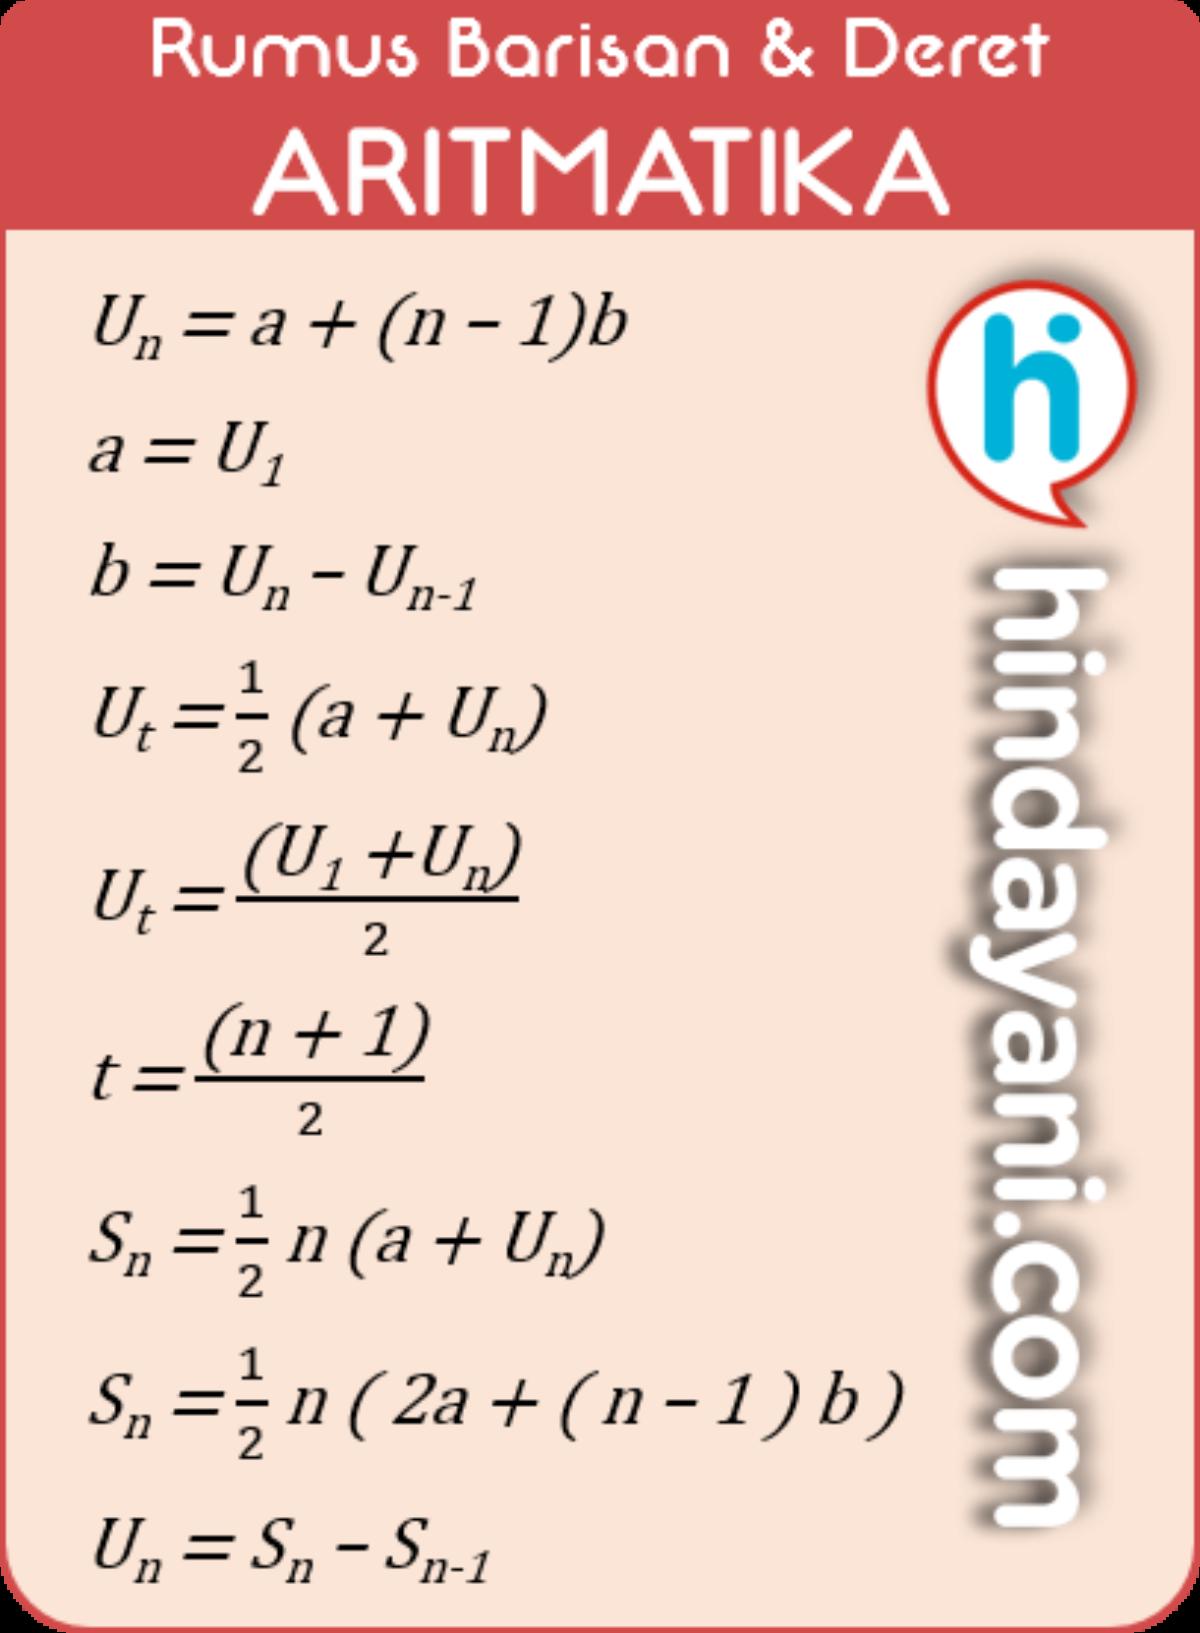 Kumpulan Rumus Barisan Deret Aritmatika Geometri Contoh Soal